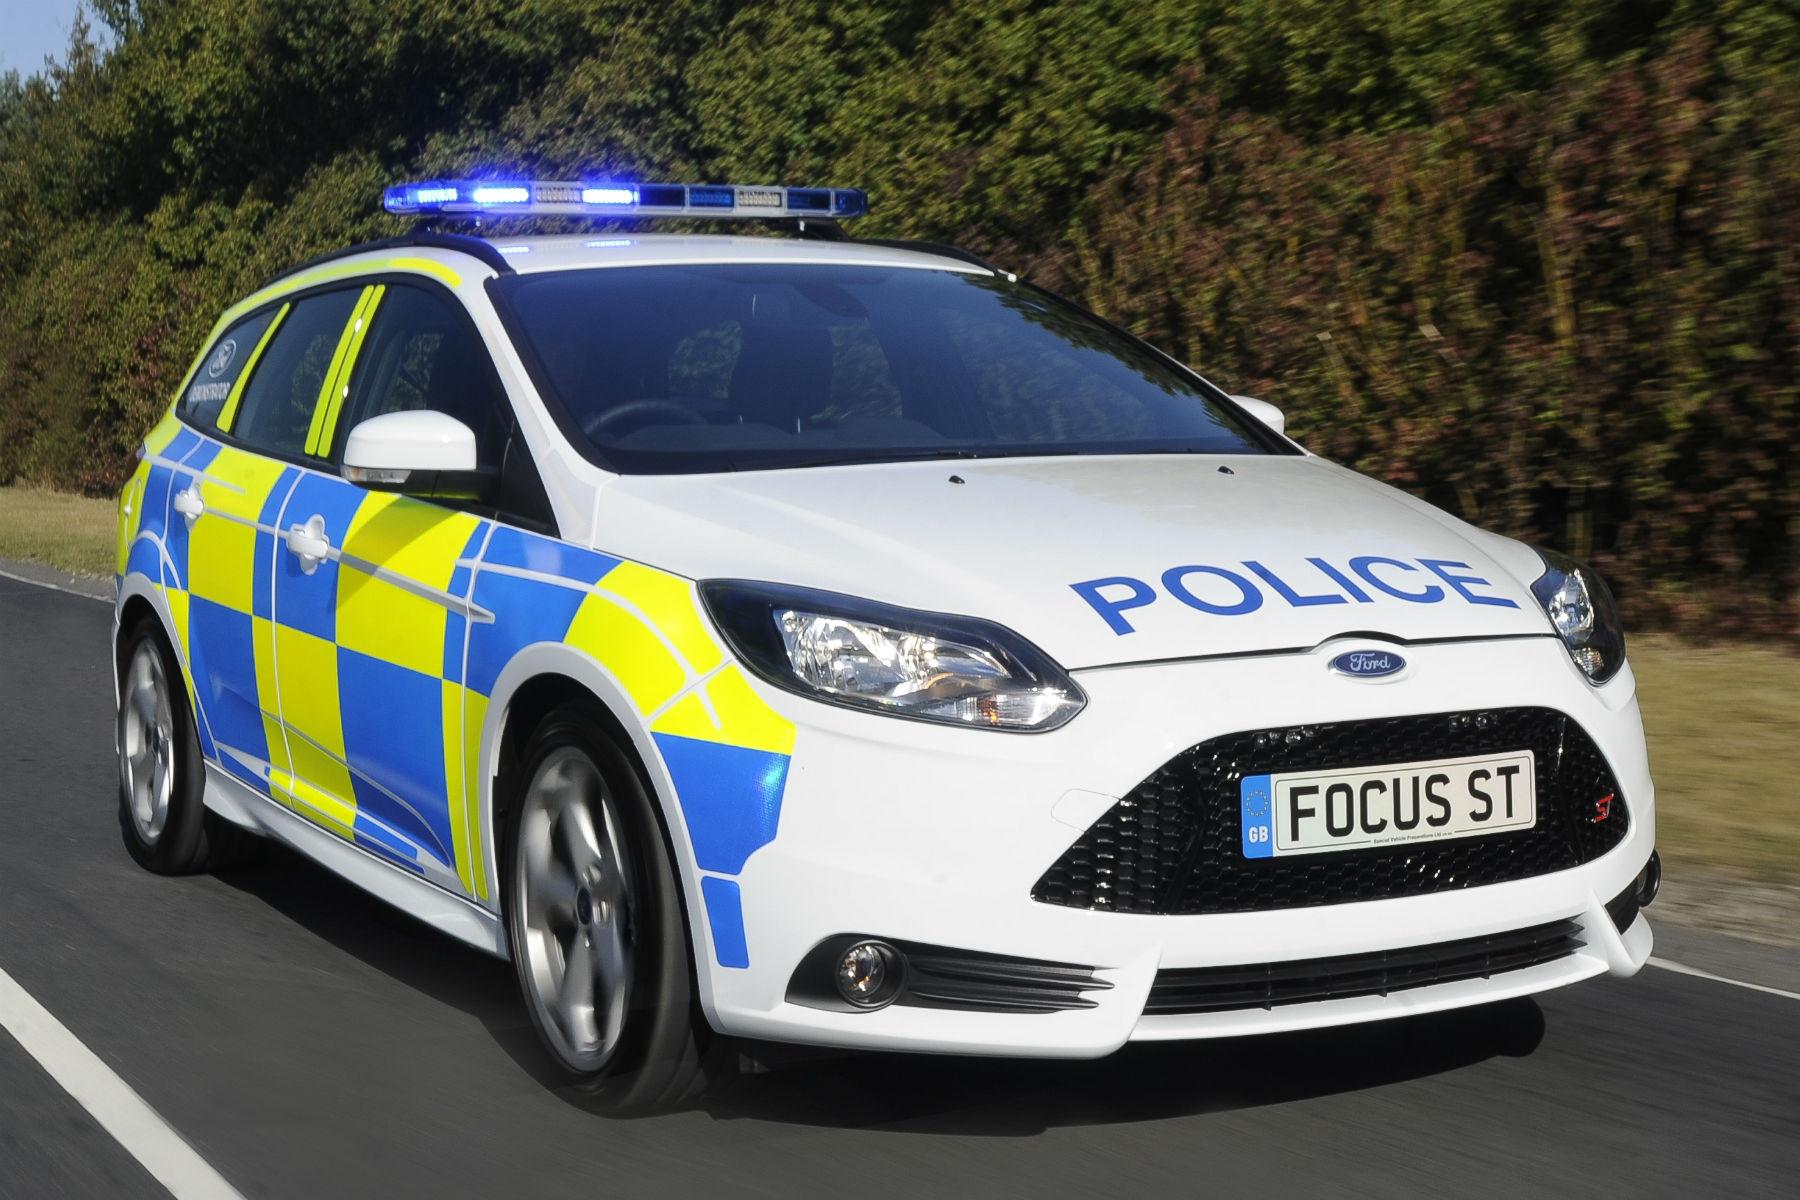 £750,000 police grant